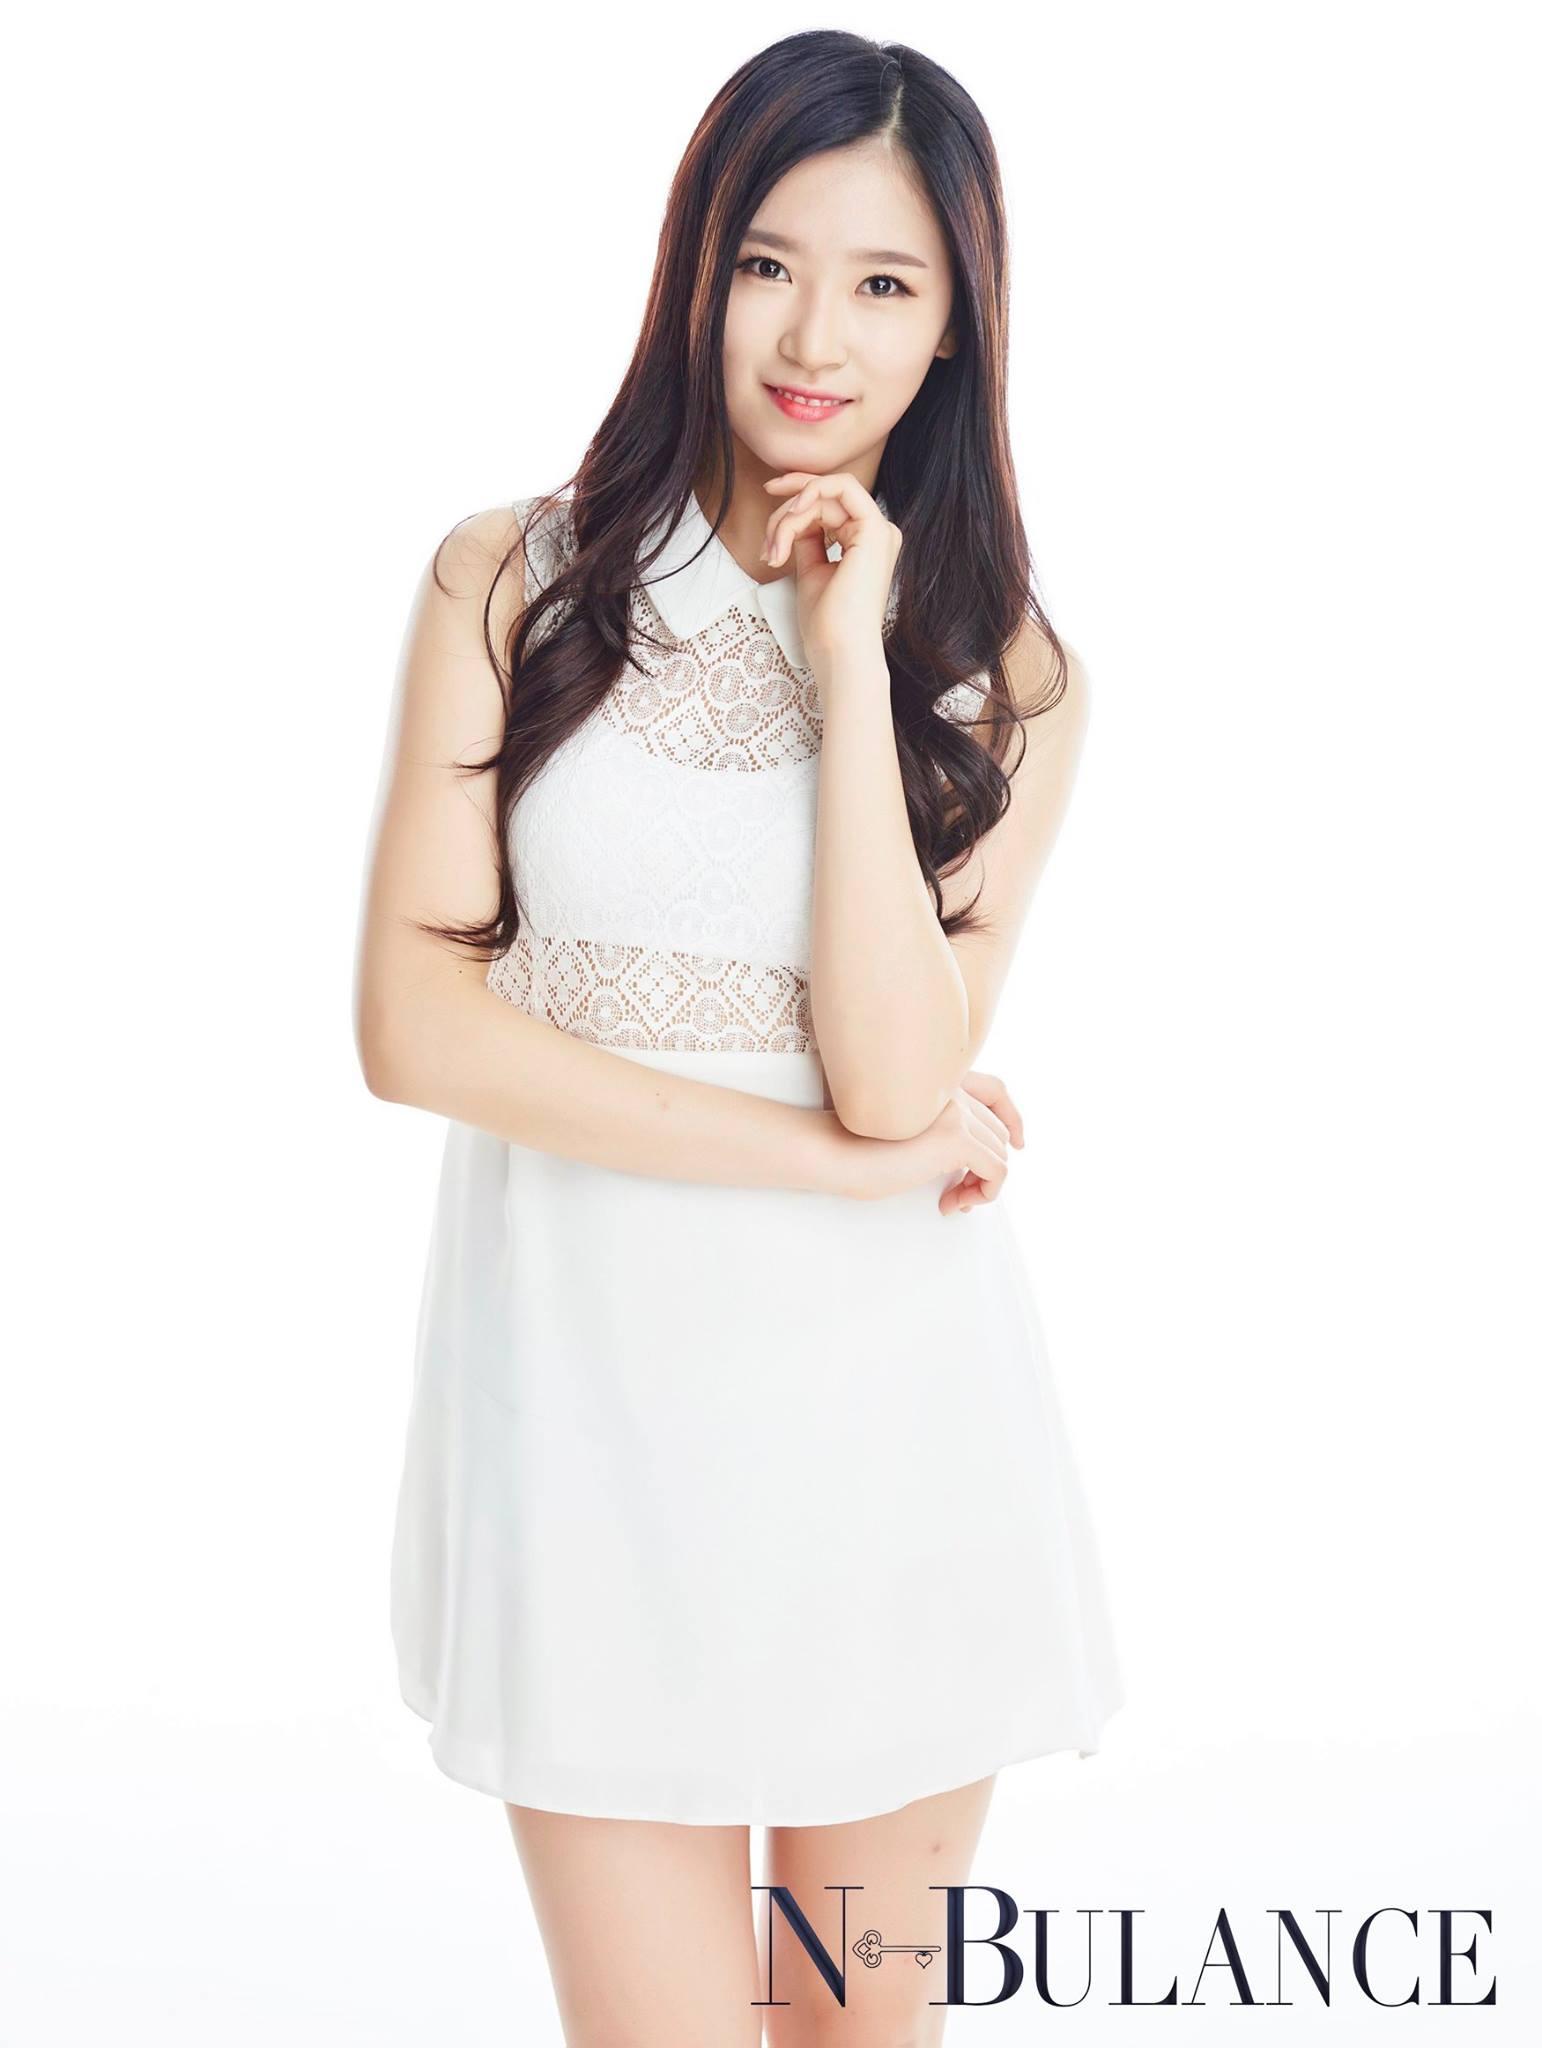 N-Bulance Yeonghyeon